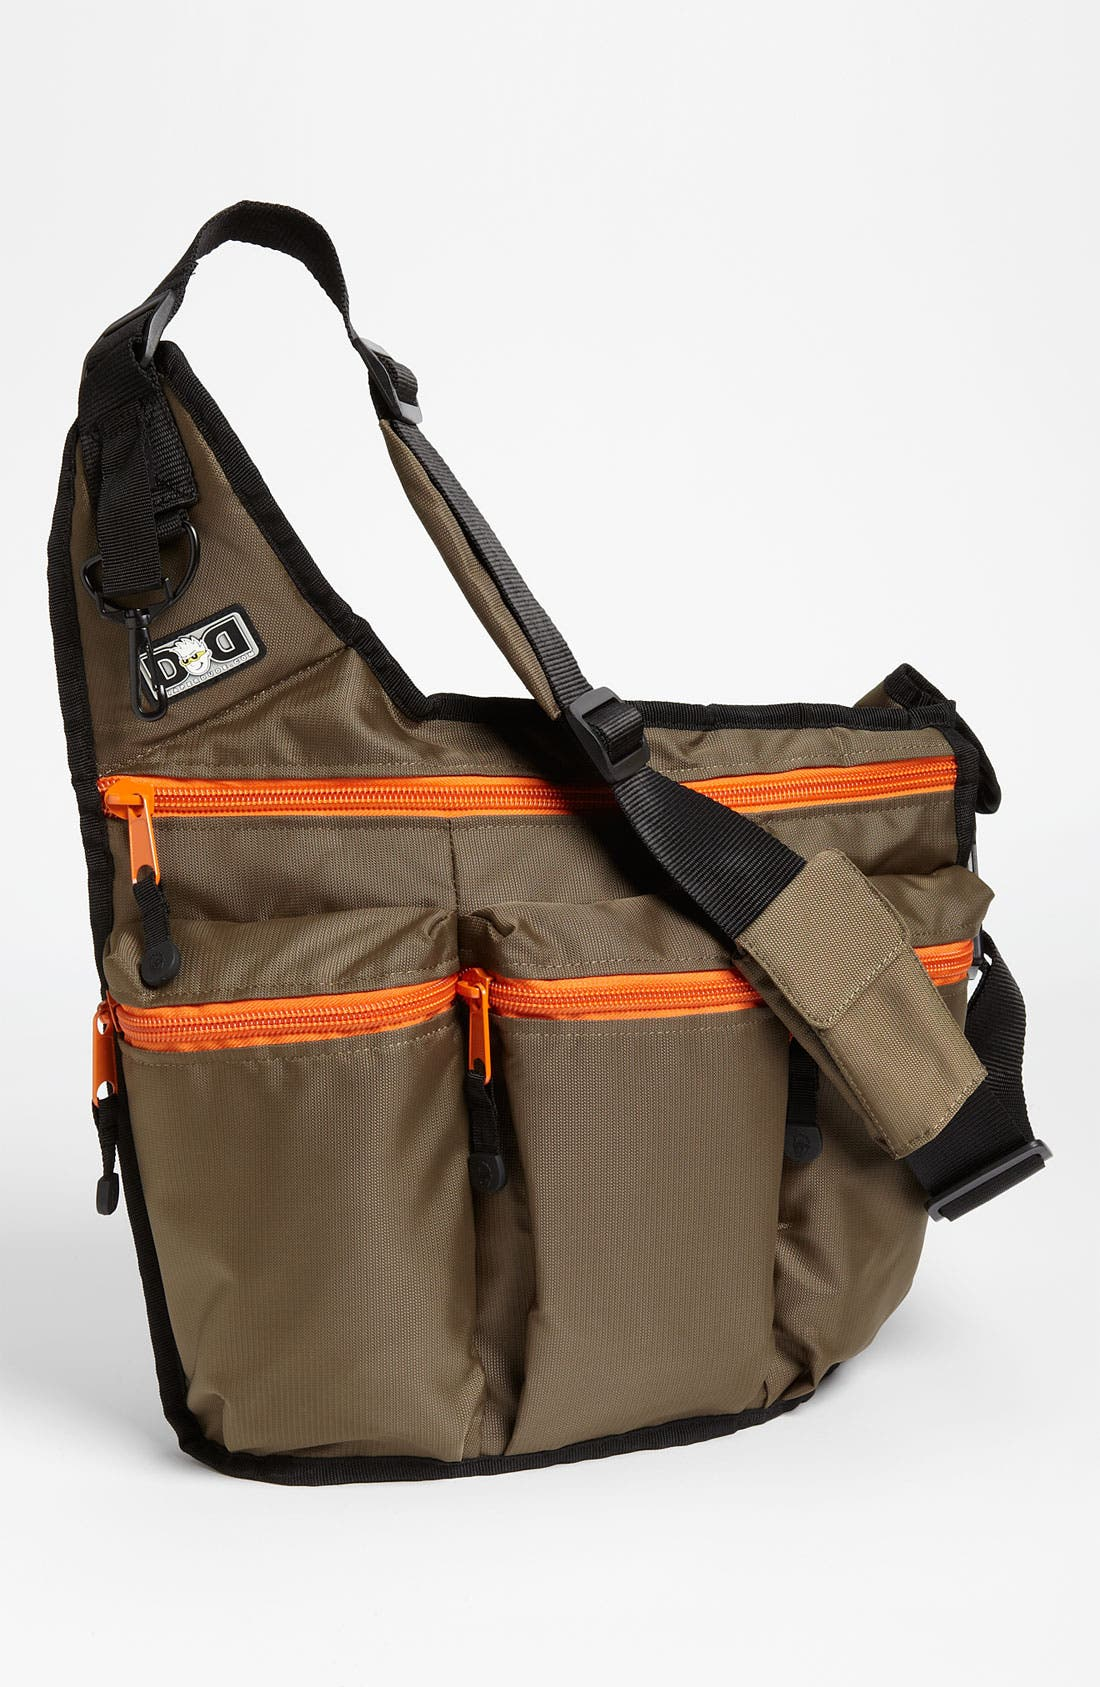 Main Image - Diaper Dude Messenger Diaper Bag